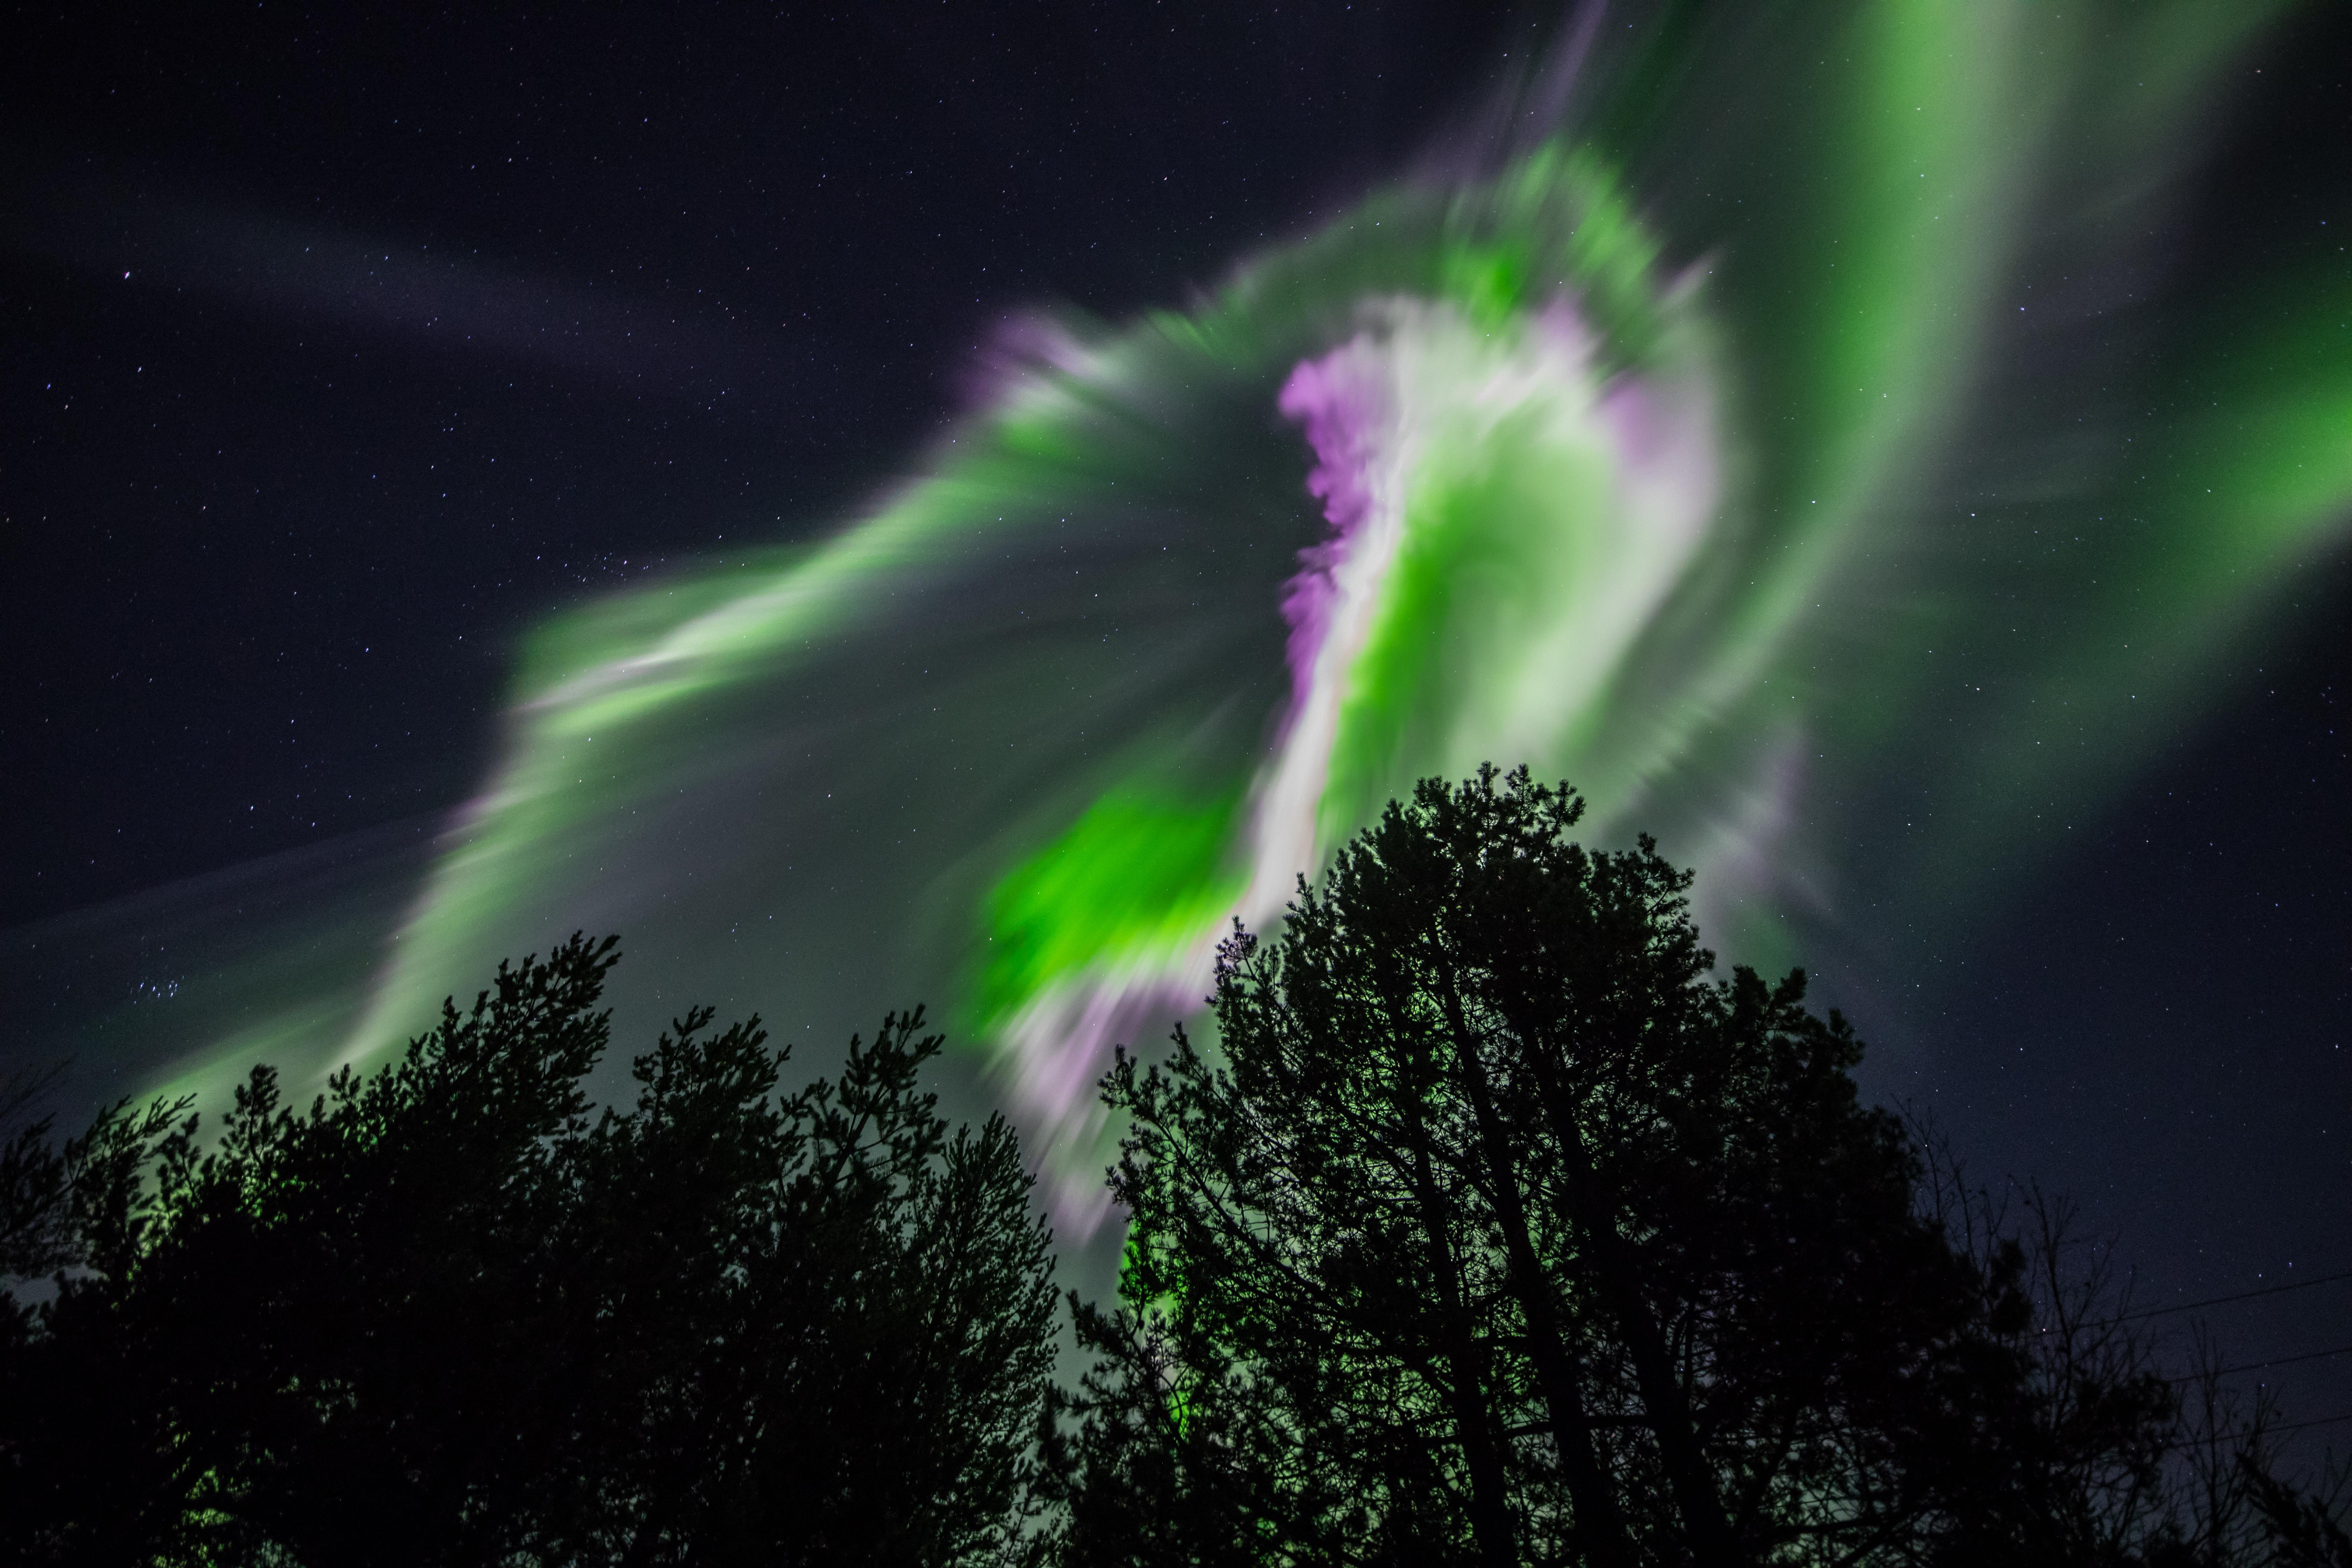 The Aurora Over Lapland